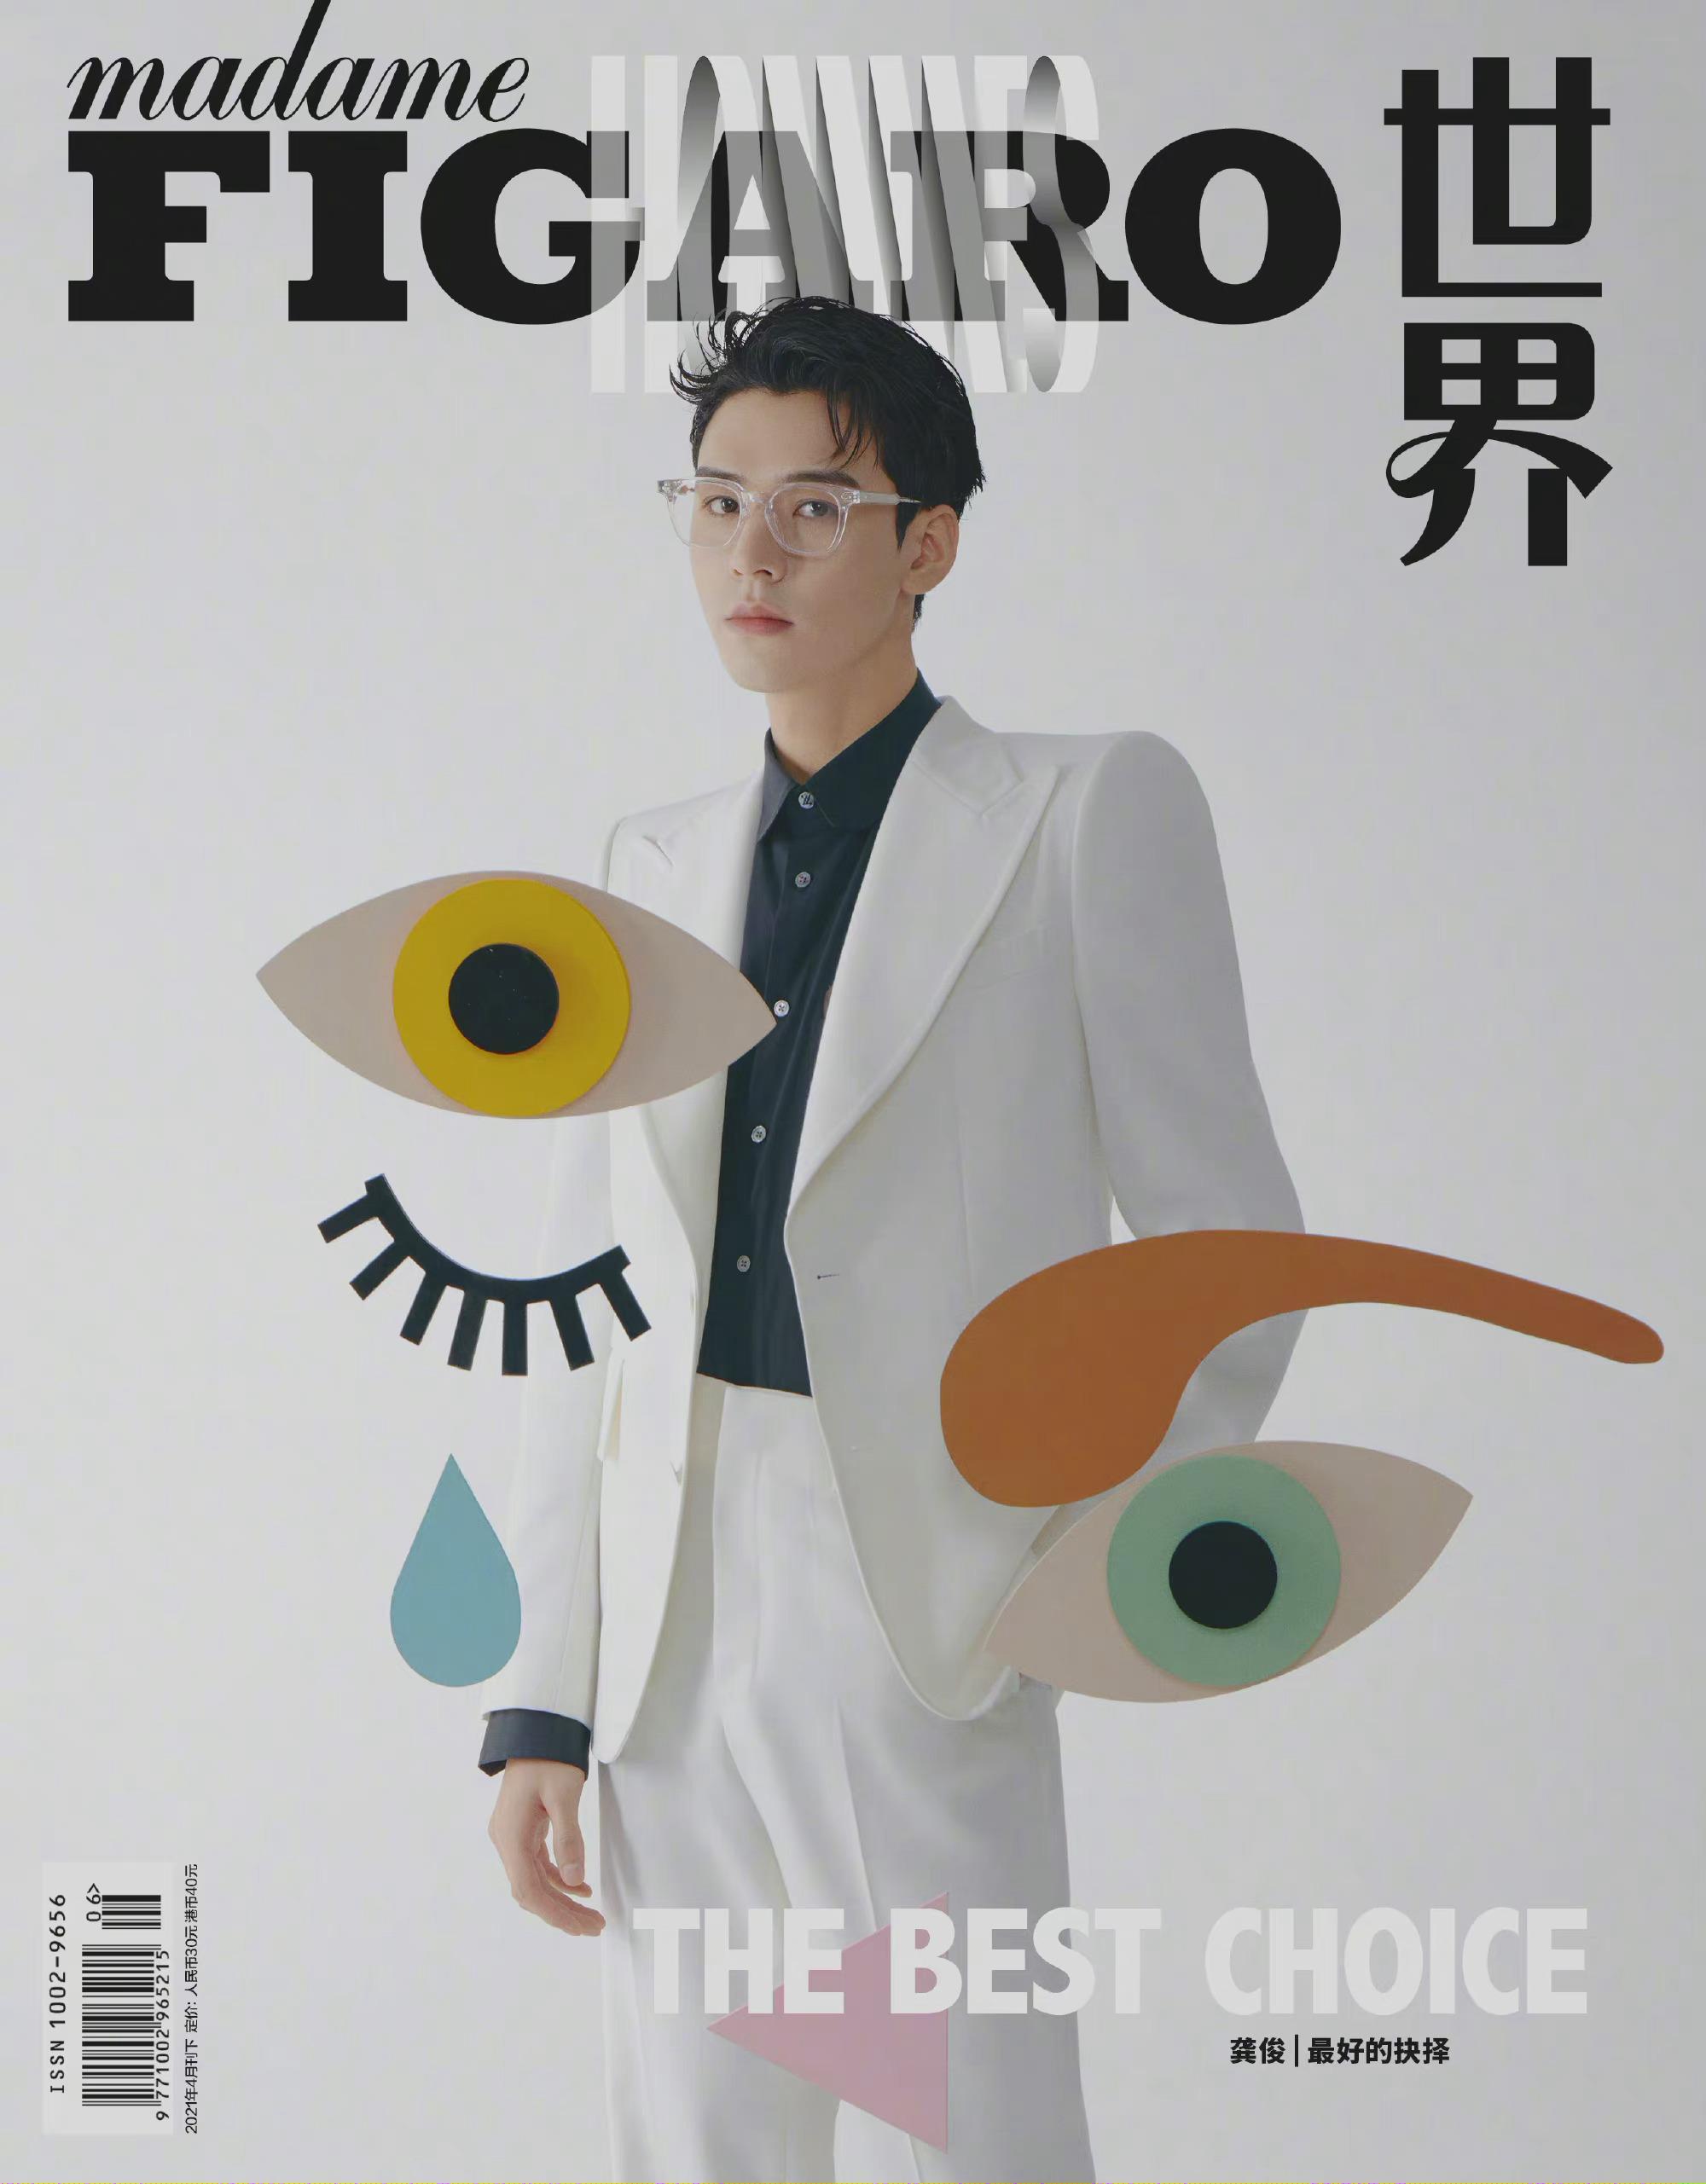 龚俊费加罗男士四月刊封面写真,缤纷色彩的搭配……